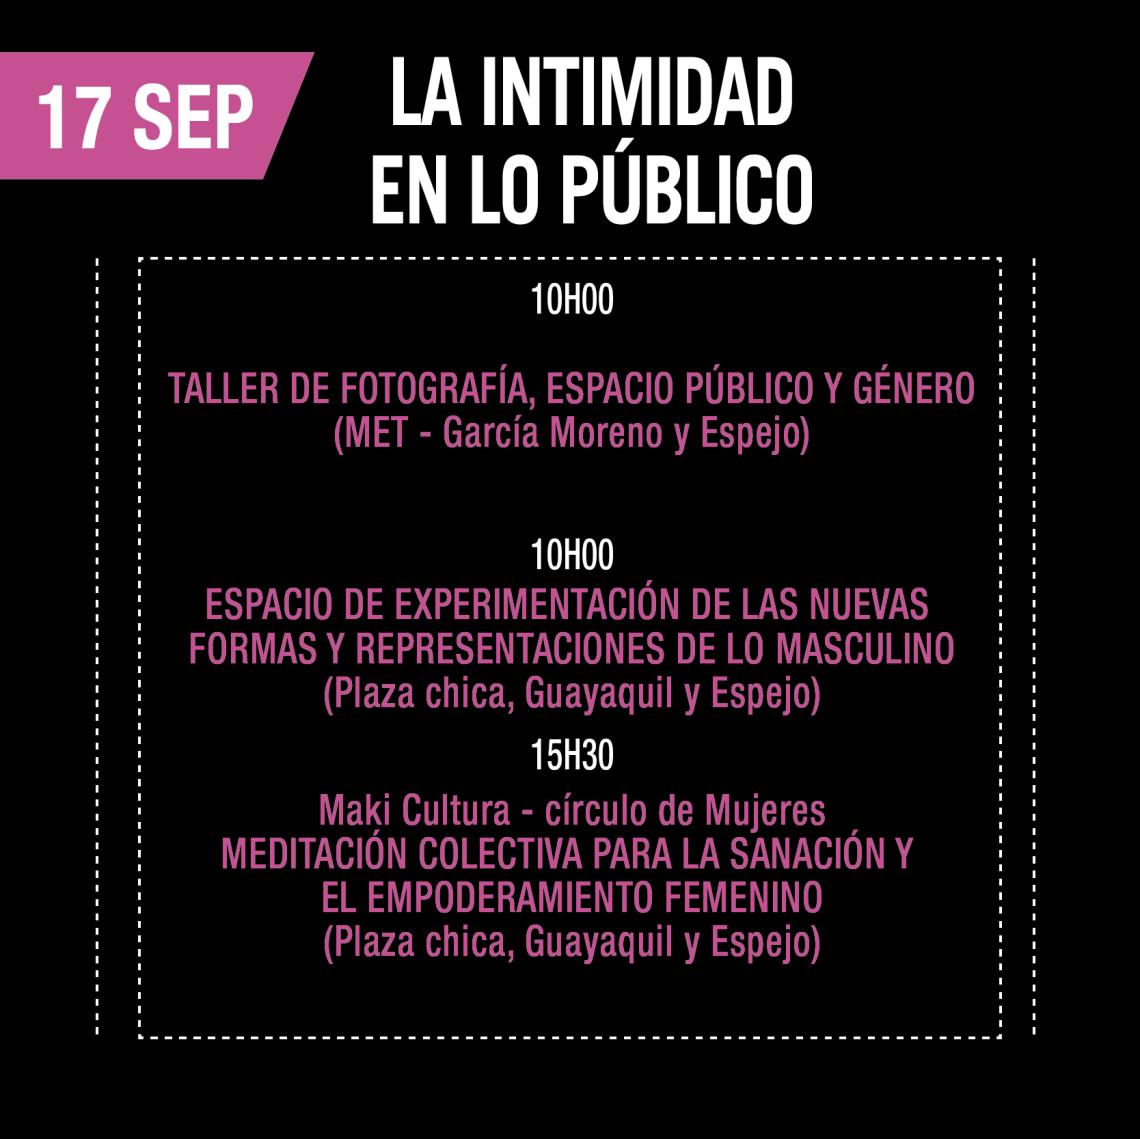 INTiPUBLICO_2017 agenda sin logo-01